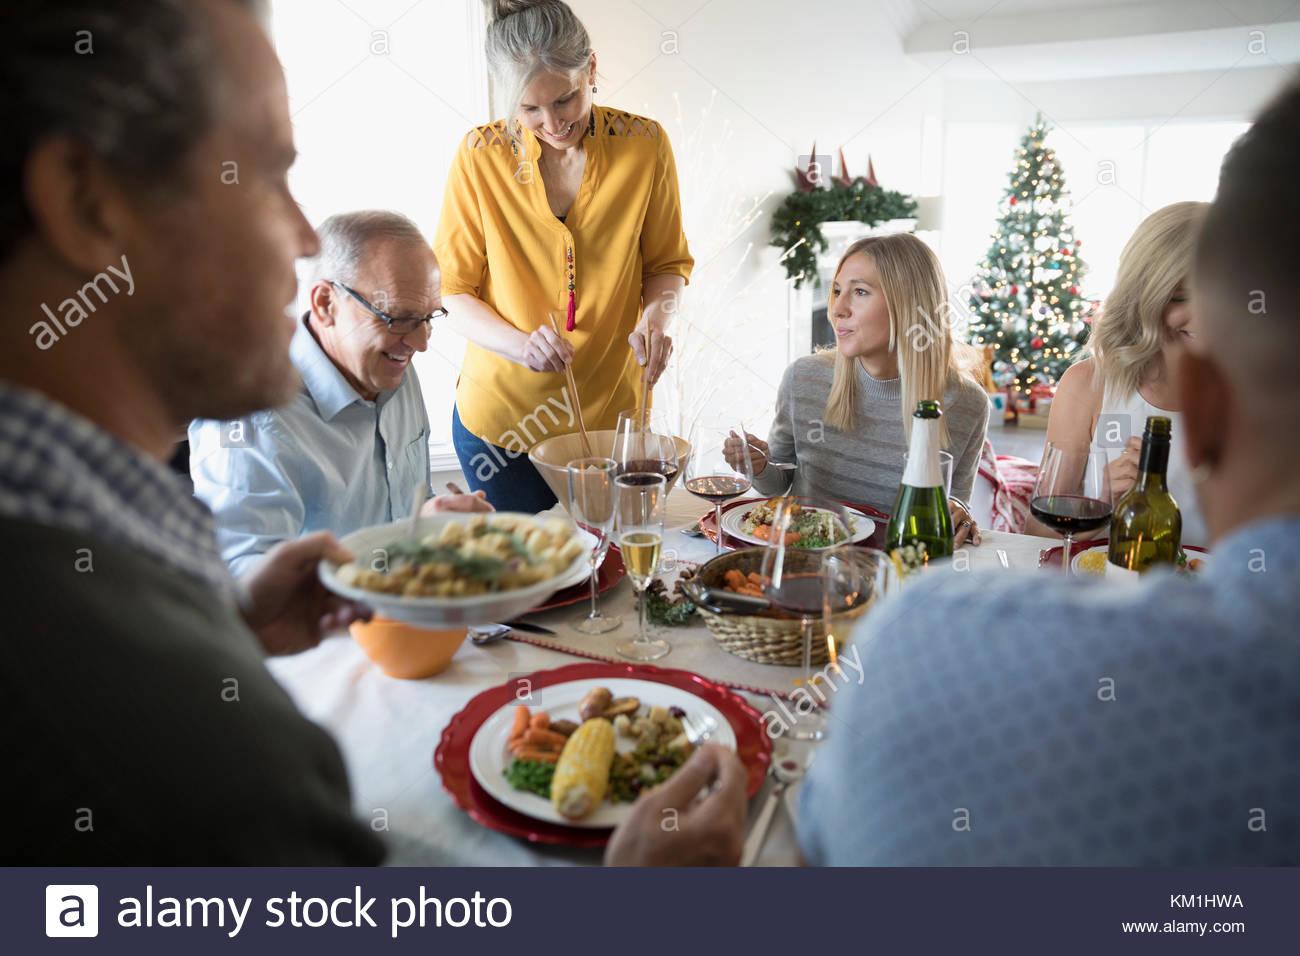 Familia disfrutando de la cena de Navidad en la mesa Imagen De Stock